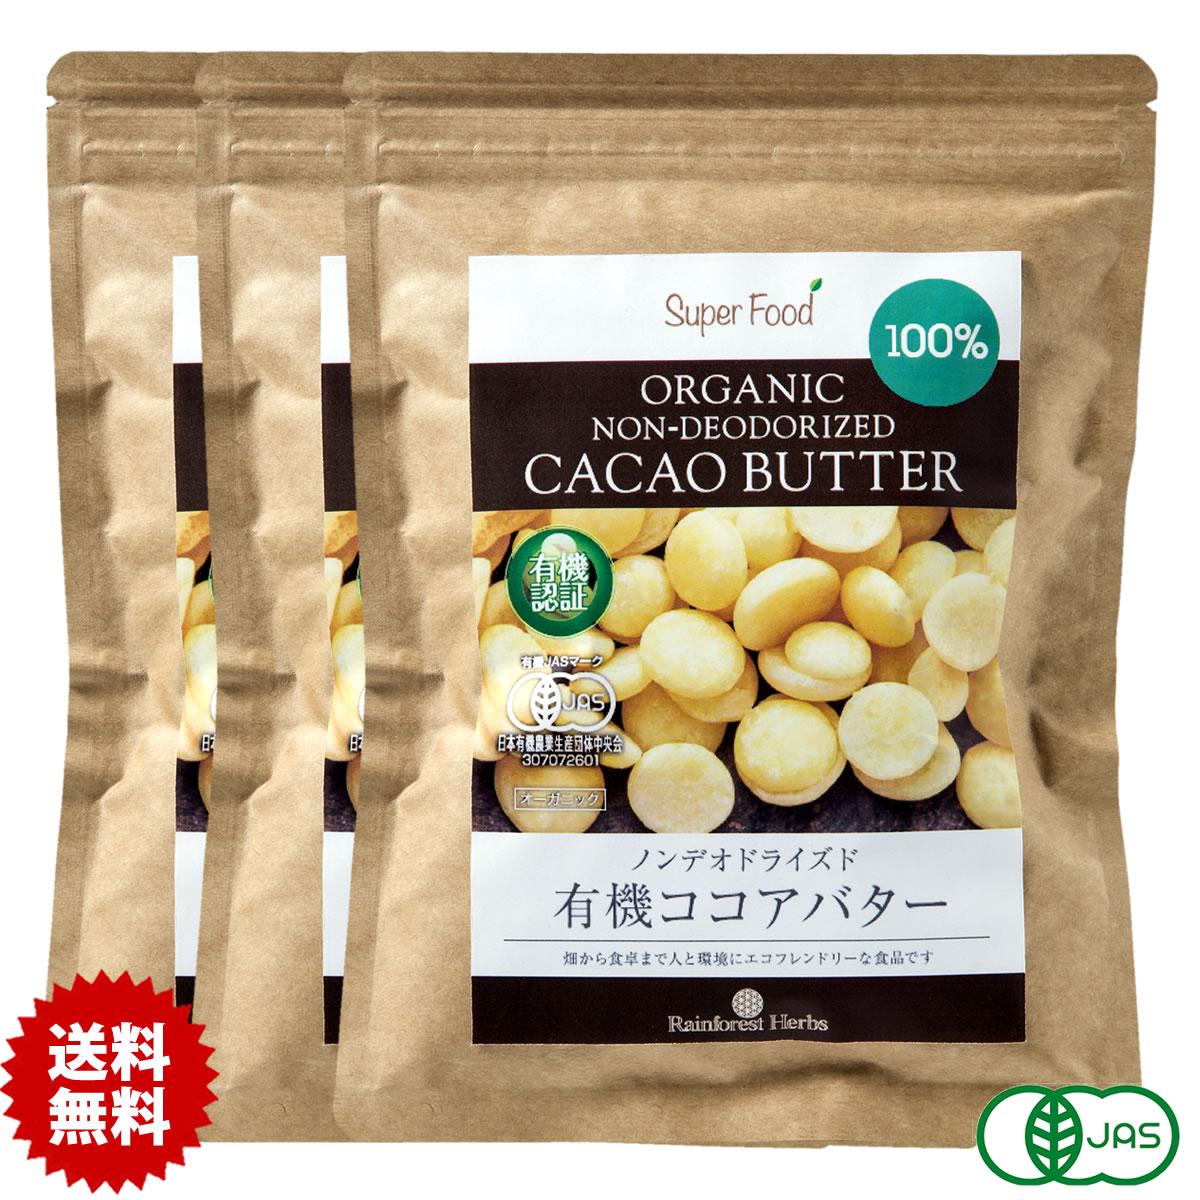 有機カカオバター100% 未脱臭 溶剤不使用 本物 数量は多 有機カカオバター ココアバター 有機JASオーガニック 3袋 300g カカオバター100% ペルー産